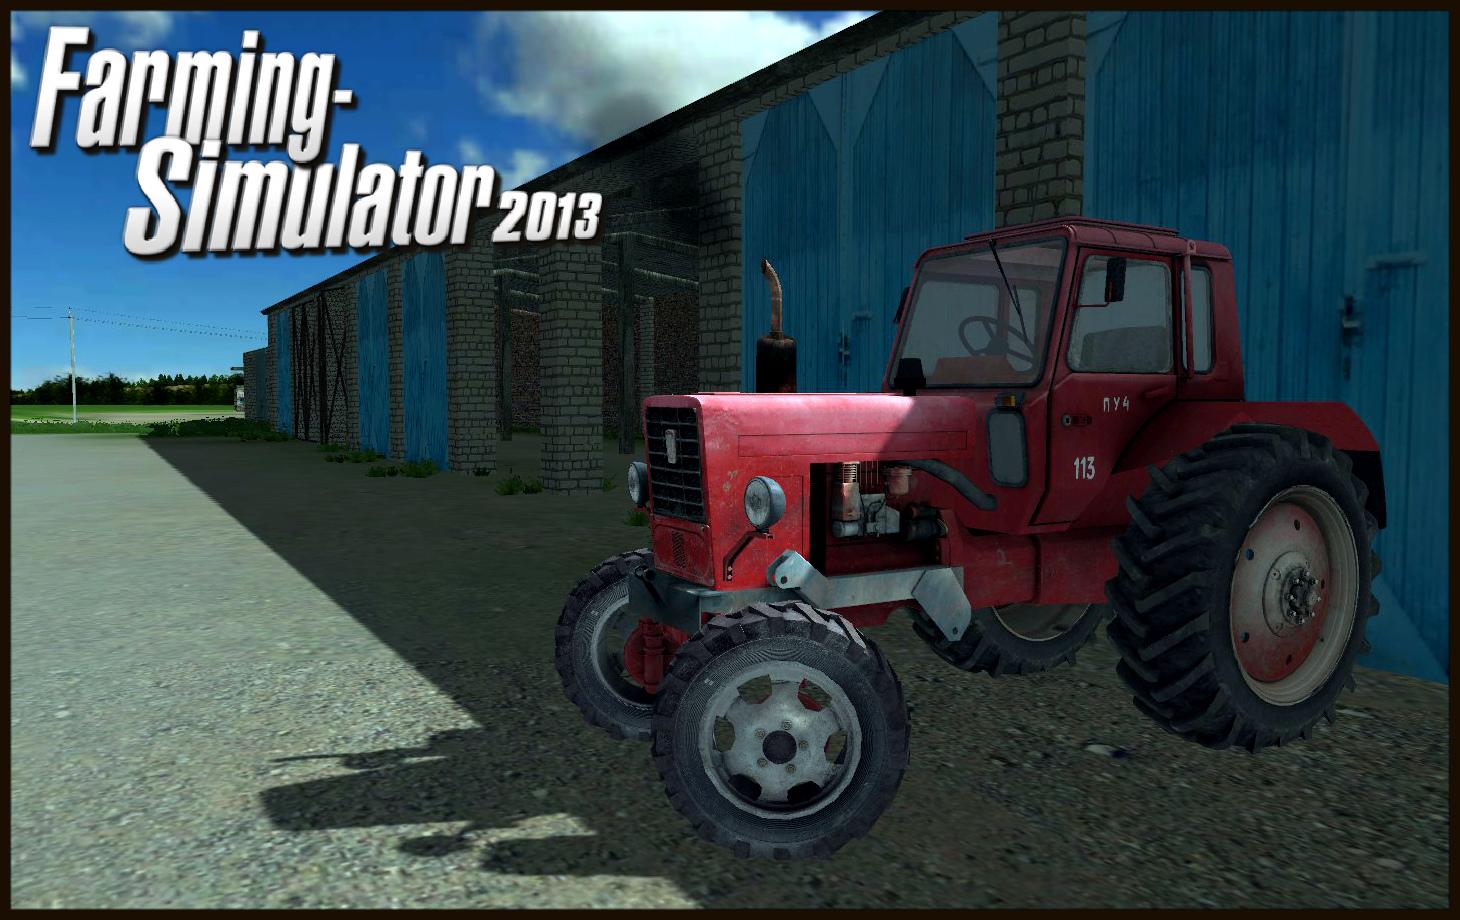 Скачать моды мтз farming simulator 2018 бесплатно